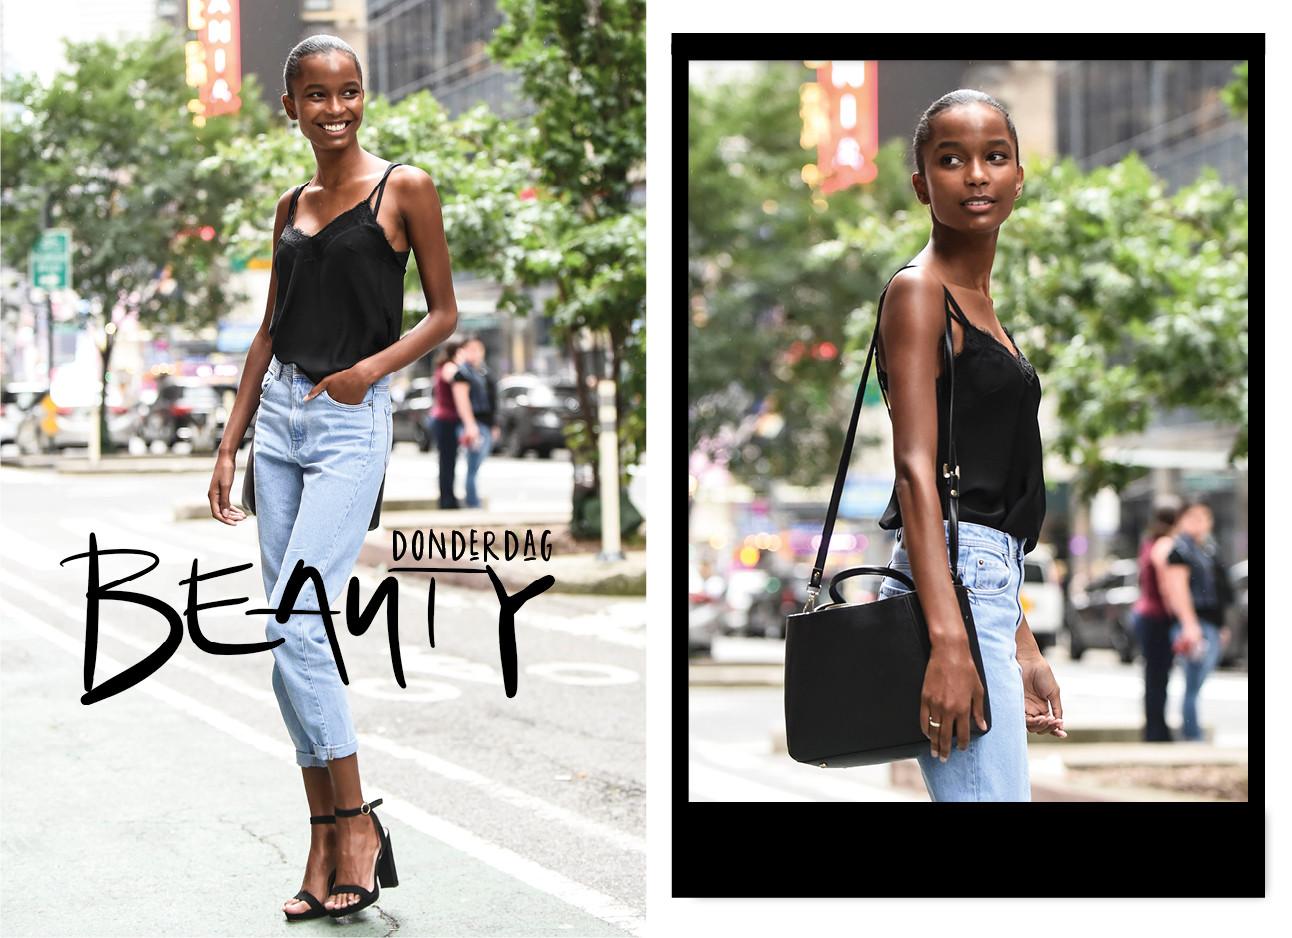 Isilda Moreira op straat model streetwear